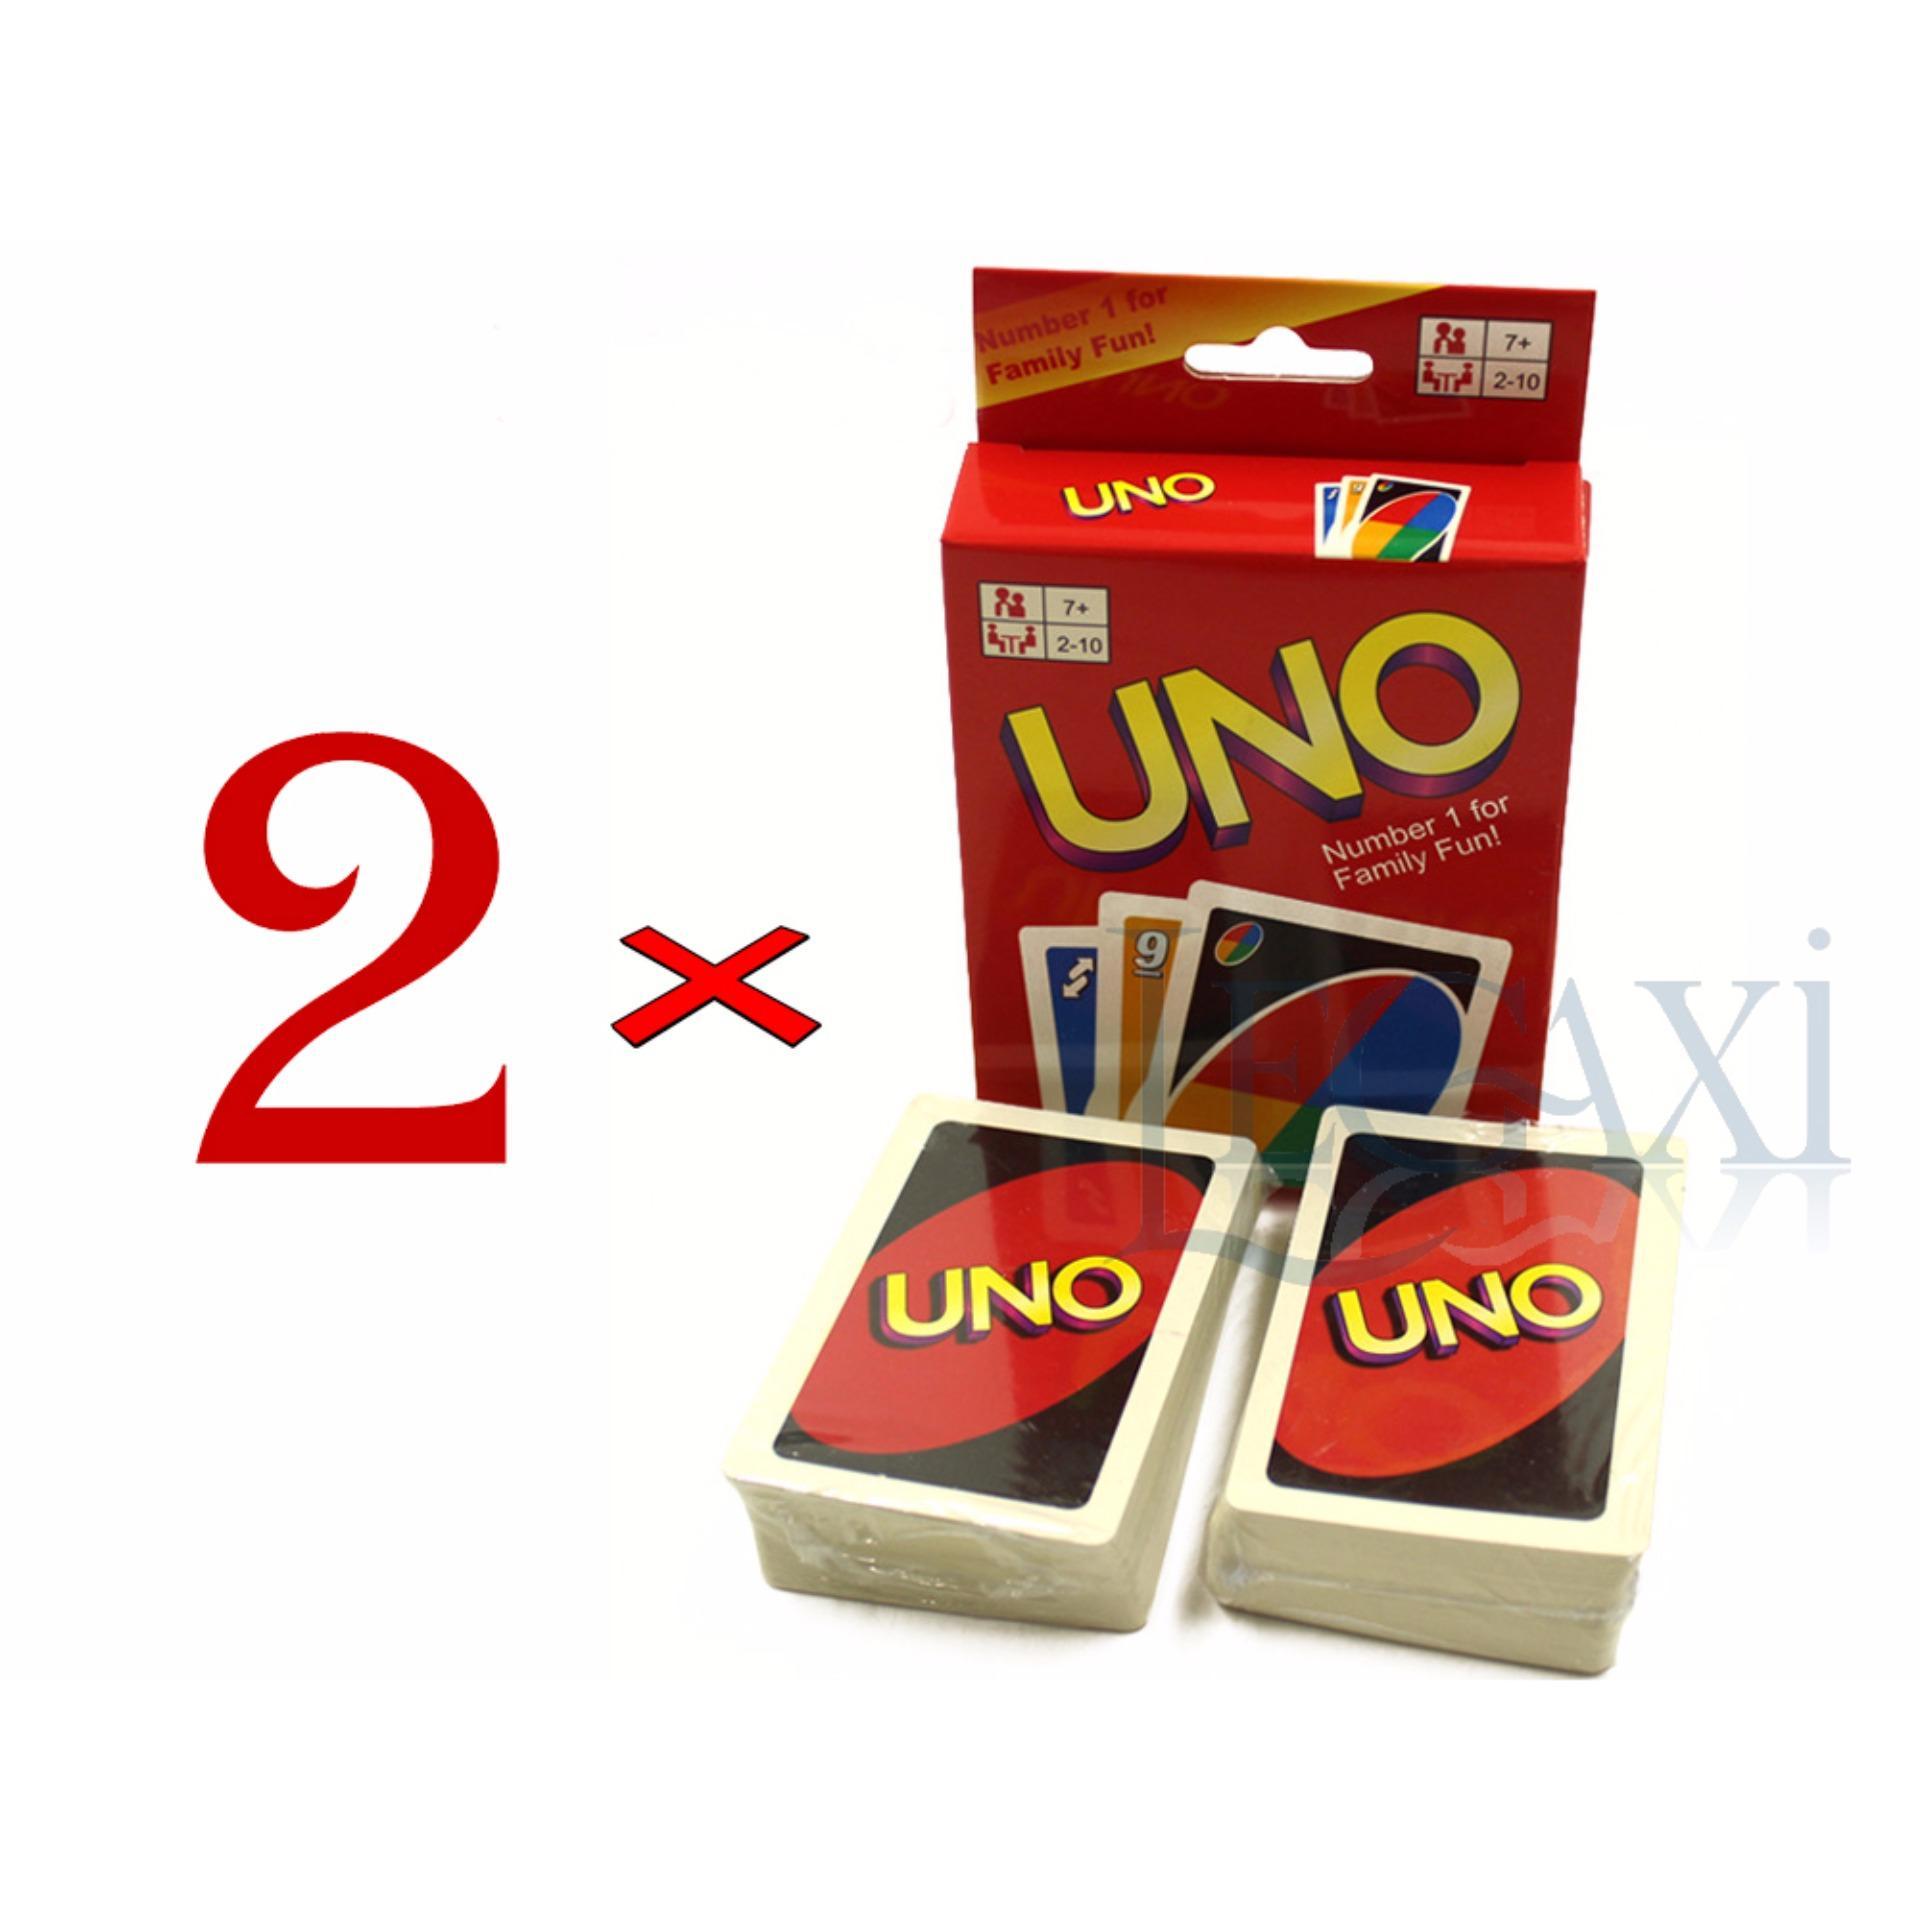 Chỗ nào bán Combo 2 x Bộ bài Uno Giấy cứng Legaxi UNO2